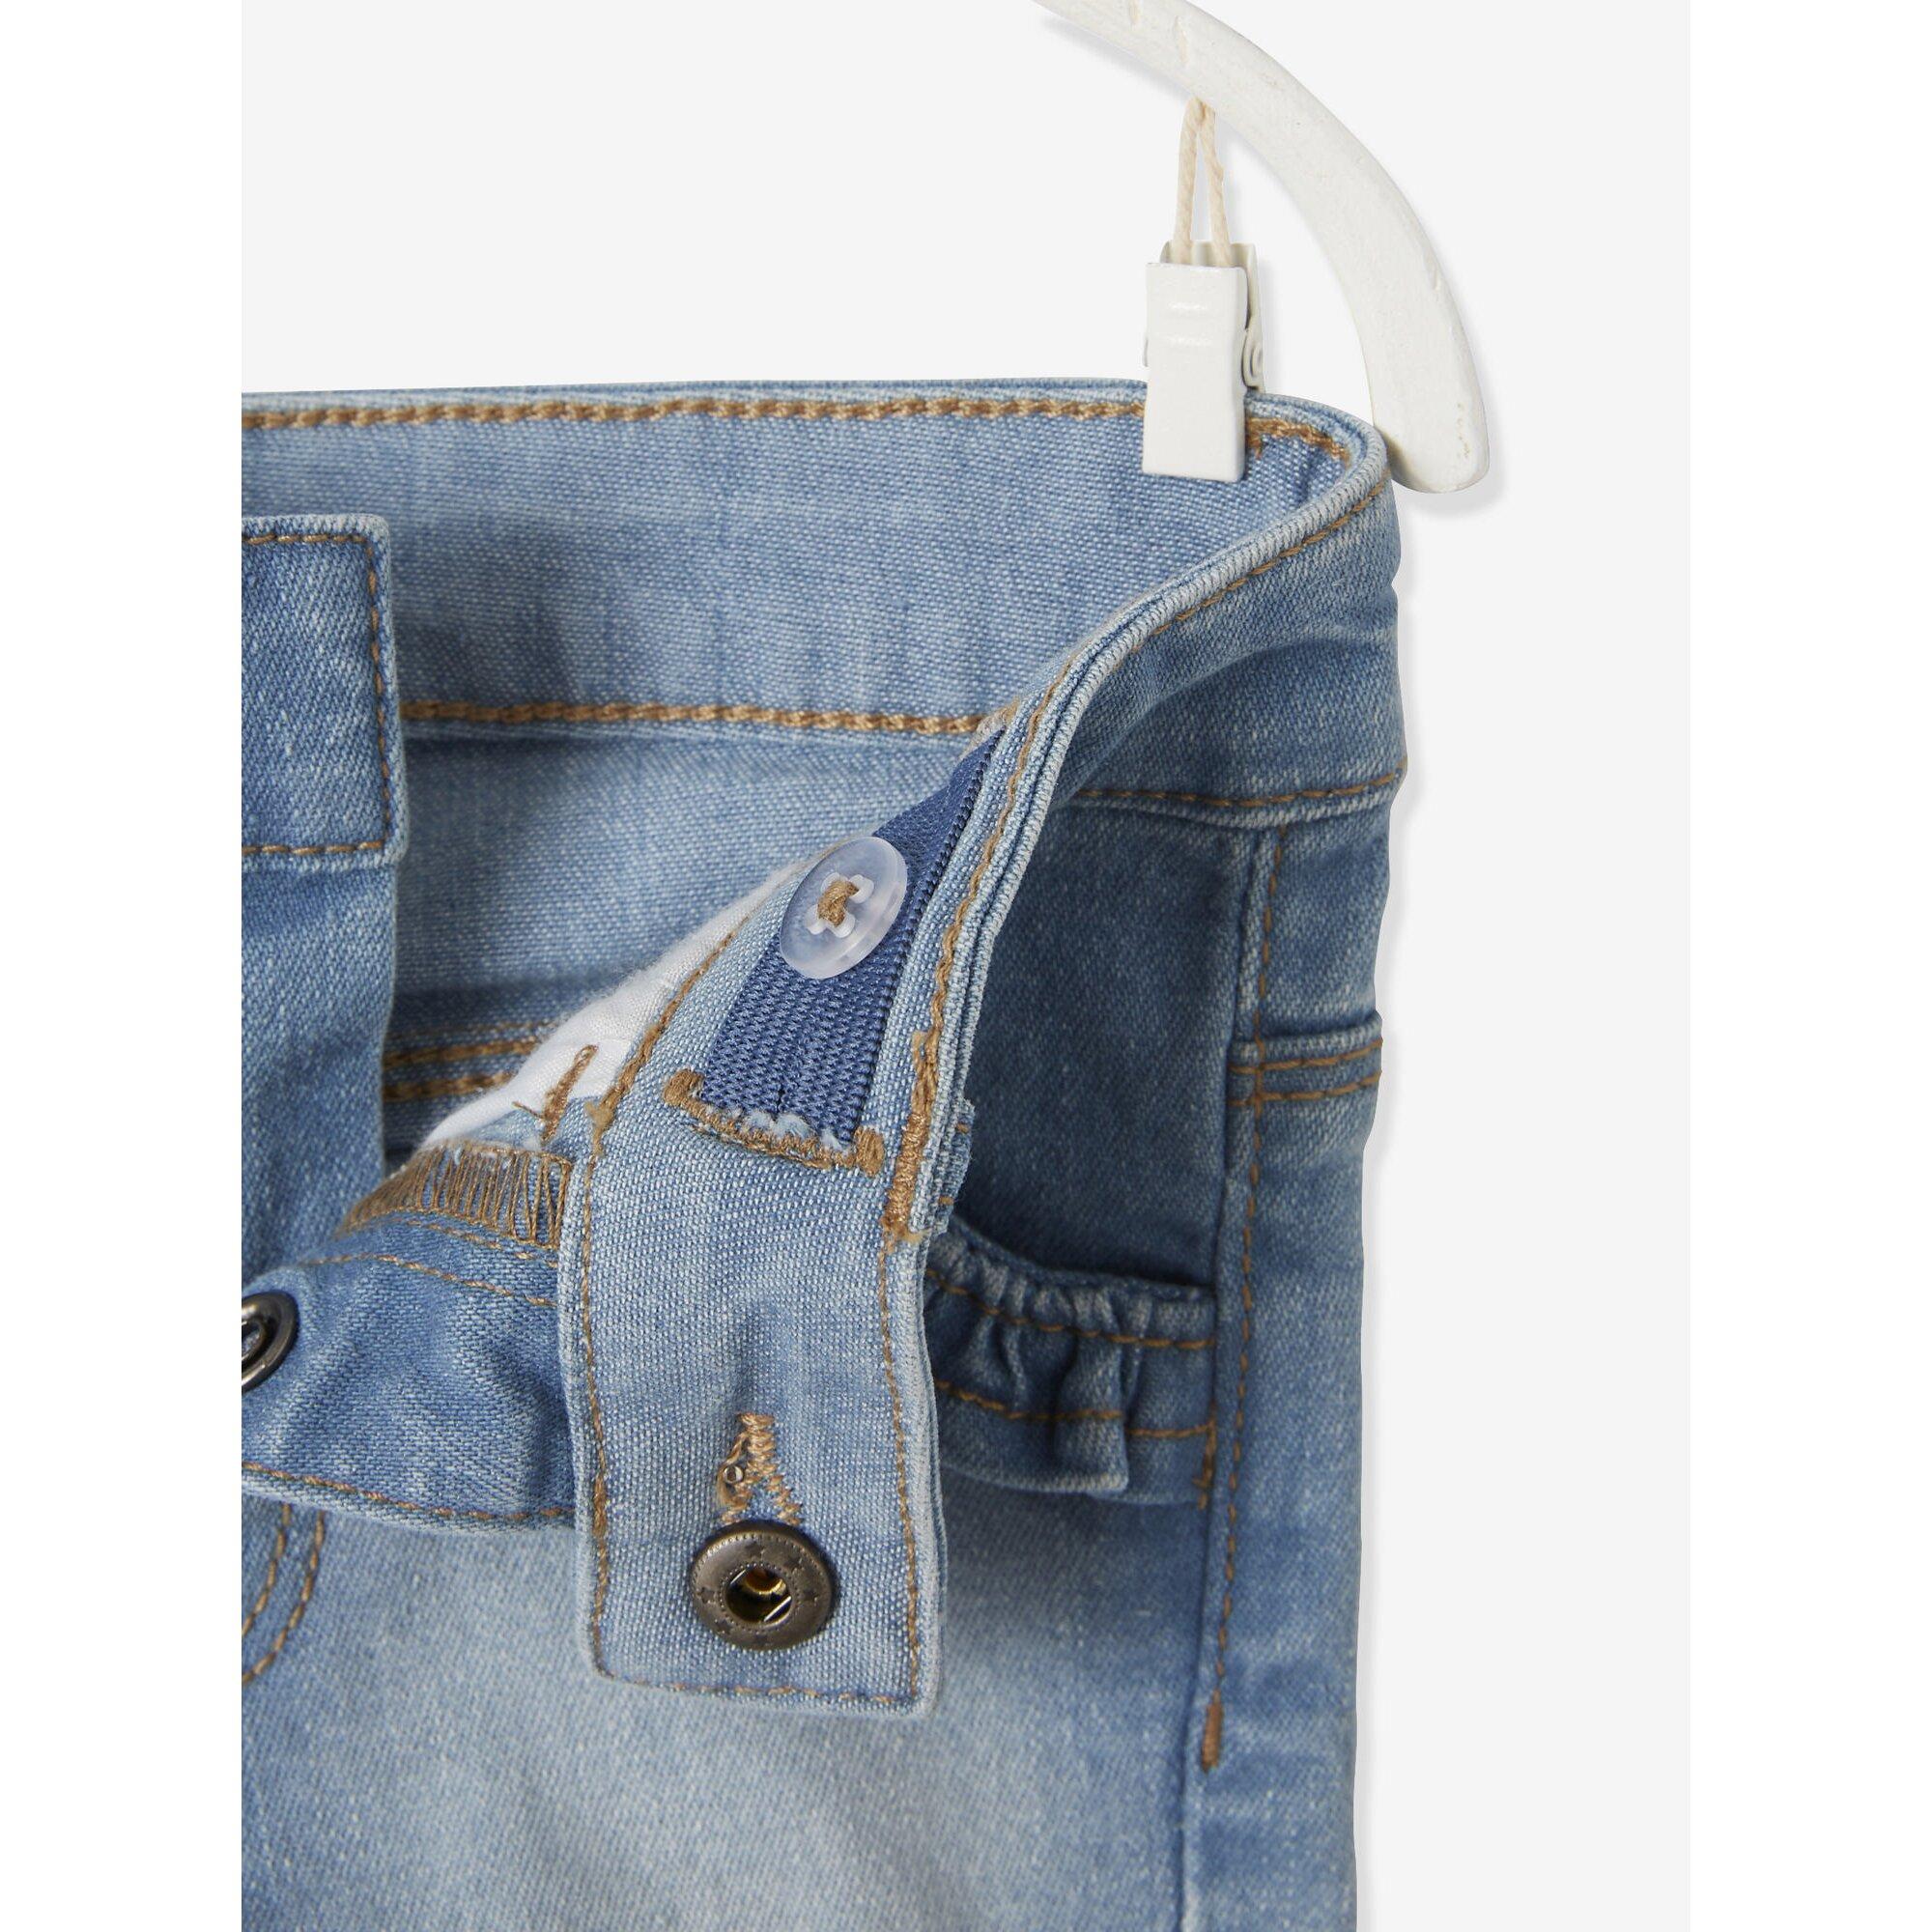 vertbaudet-jeansshorts-fur-baby-madchen-ruschen